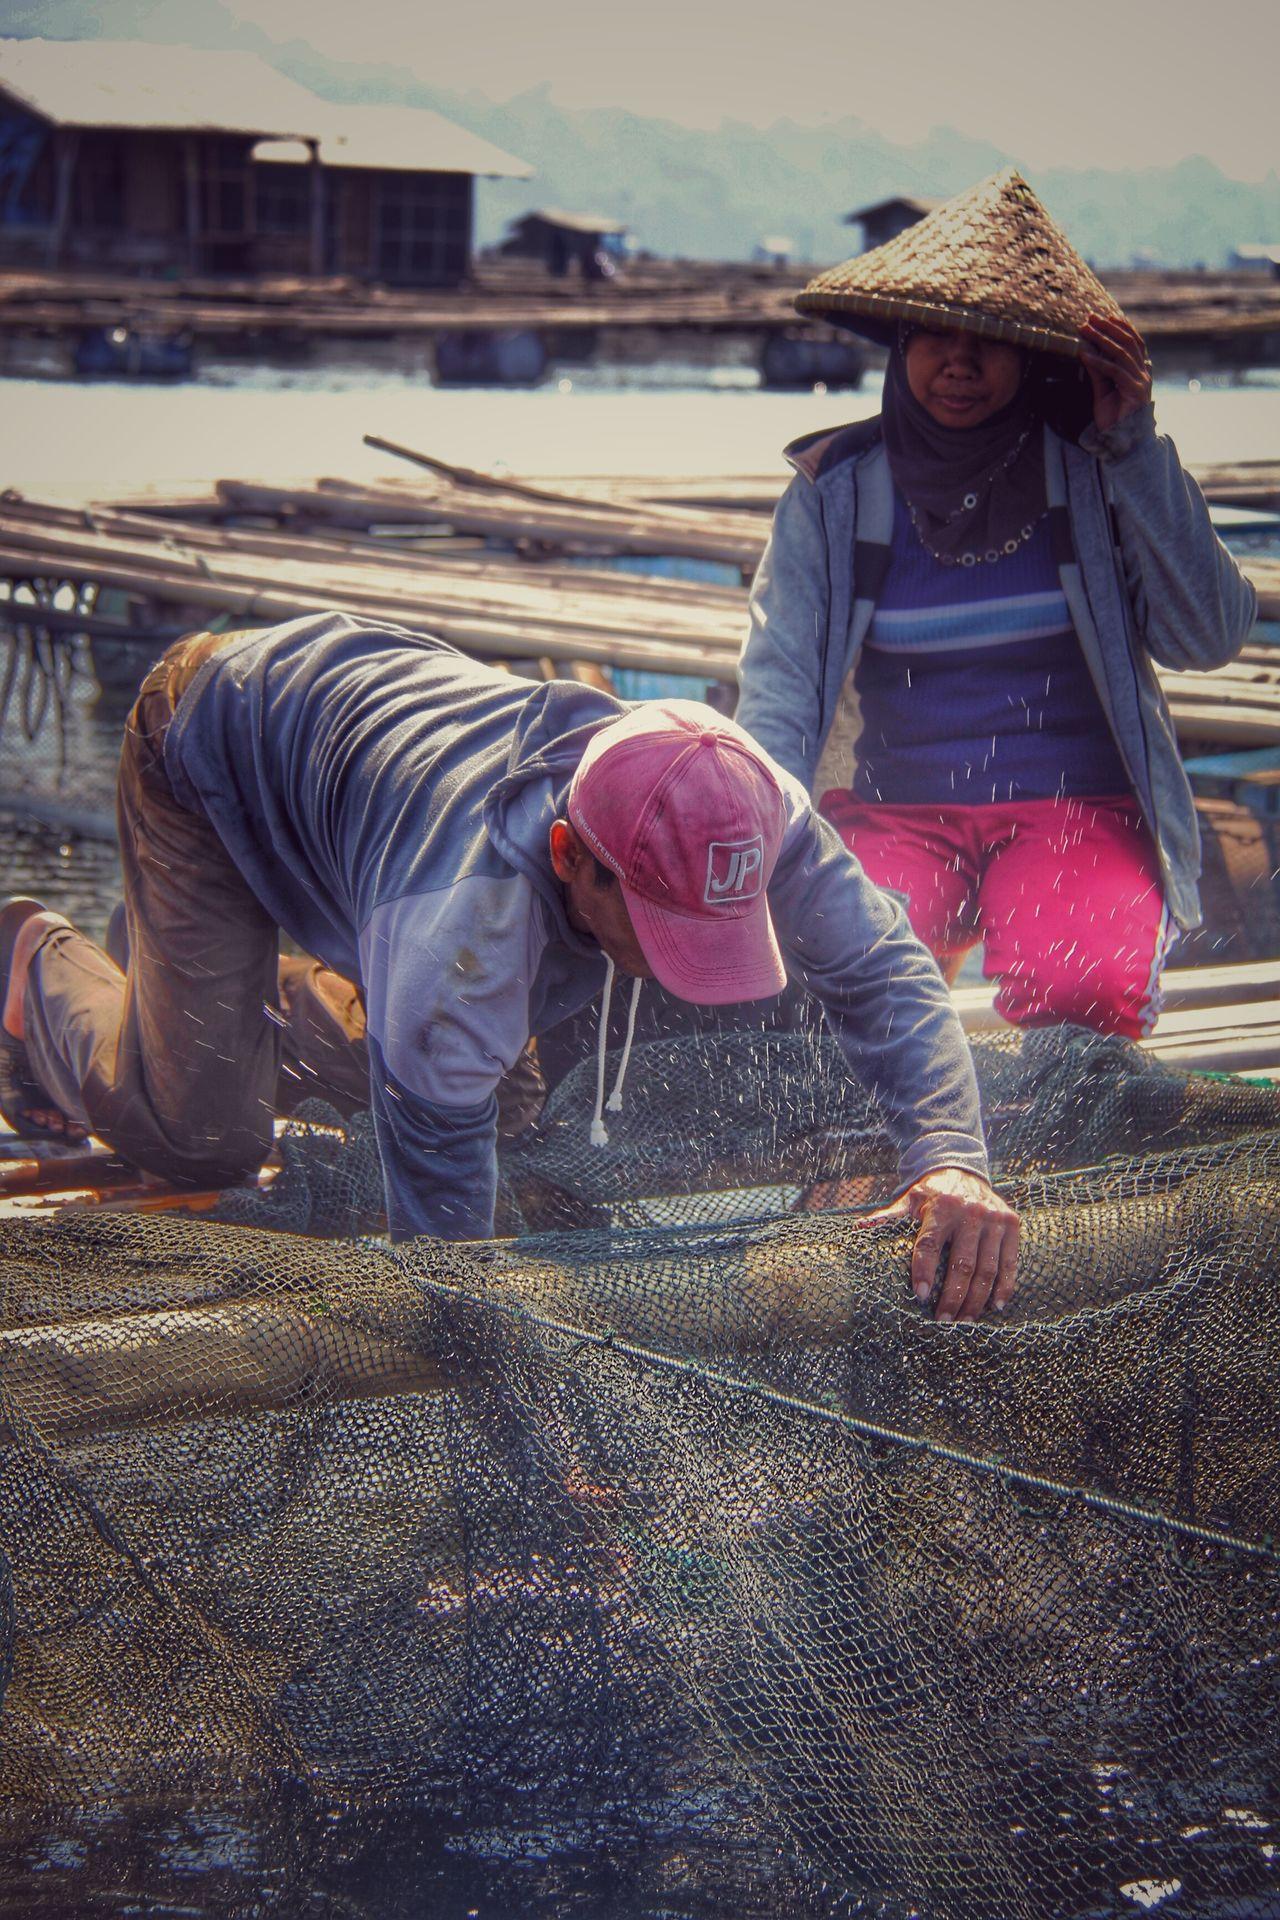 Panen Purwakarta Fishing Wonderfulindonesia People Togetherness Working Outdoors EyeEmNewHere